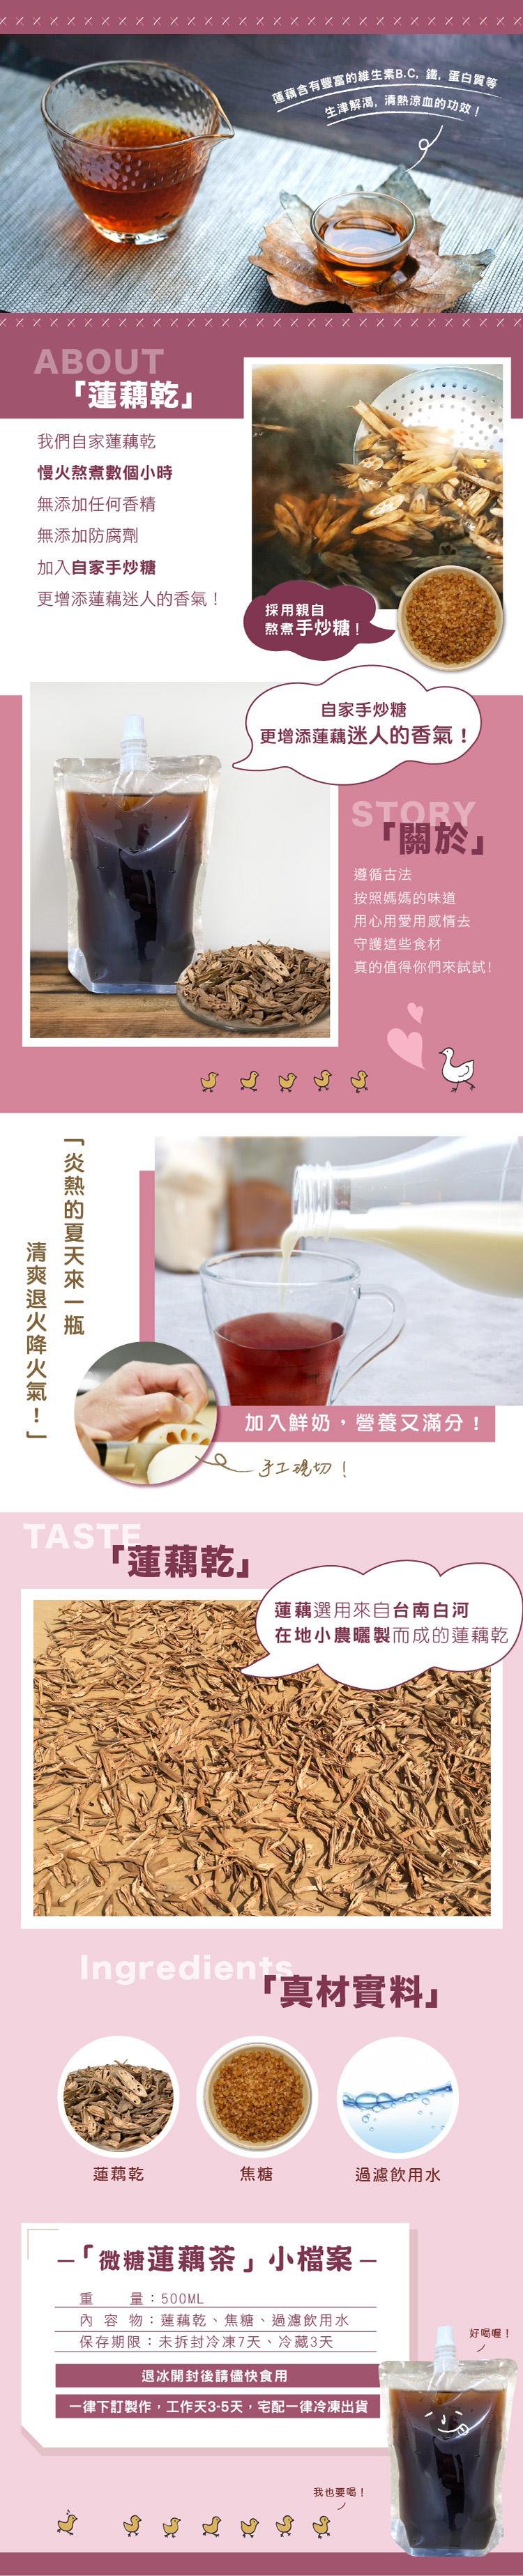 台南白河蓮藕茶